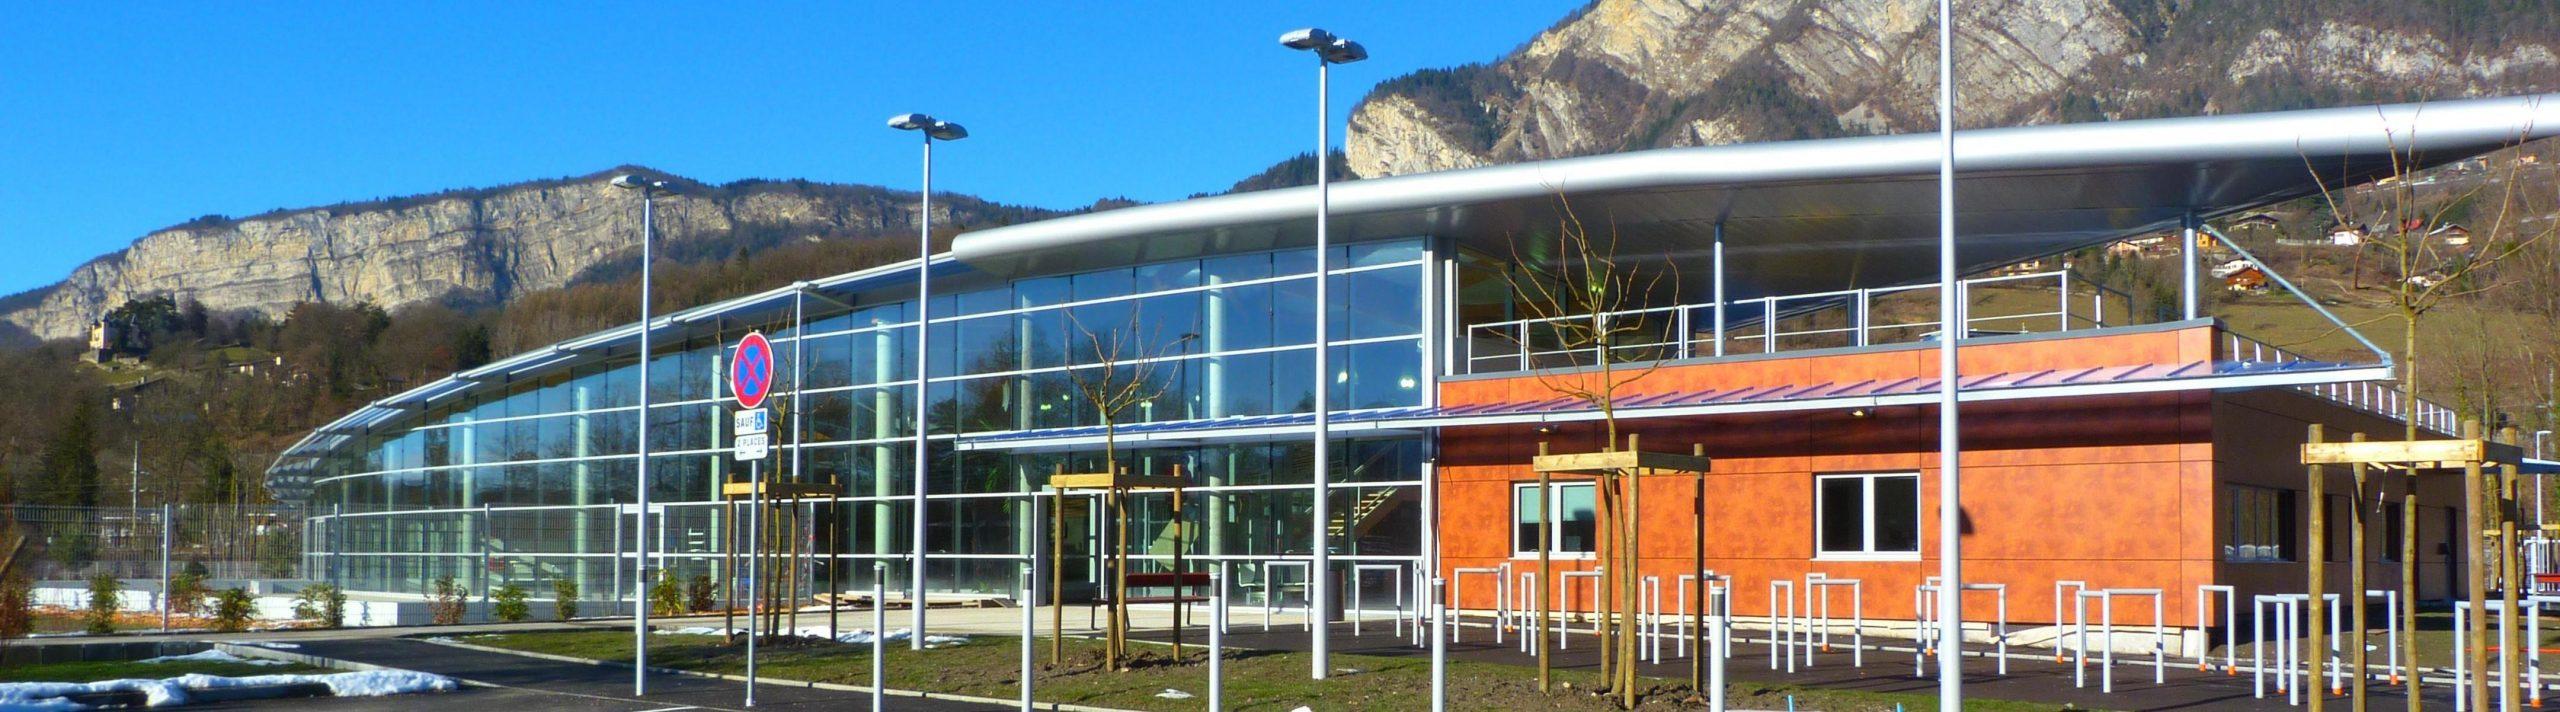 Centre Nautique Guy Chatel – Bonneville (74)   Btp ... à Horaire Piscine Bonneville